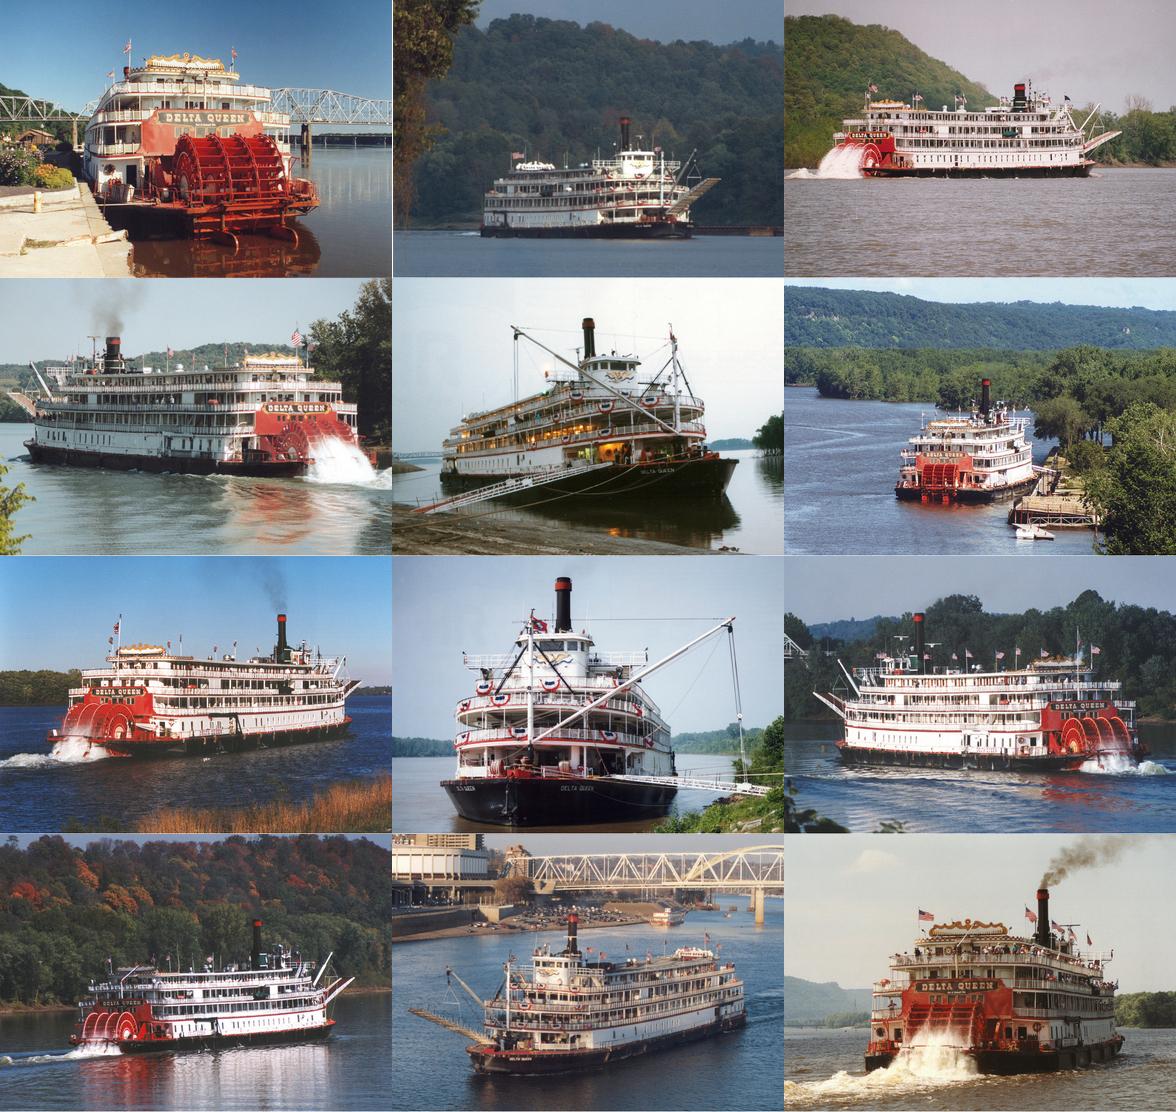 Steamboats.com News.